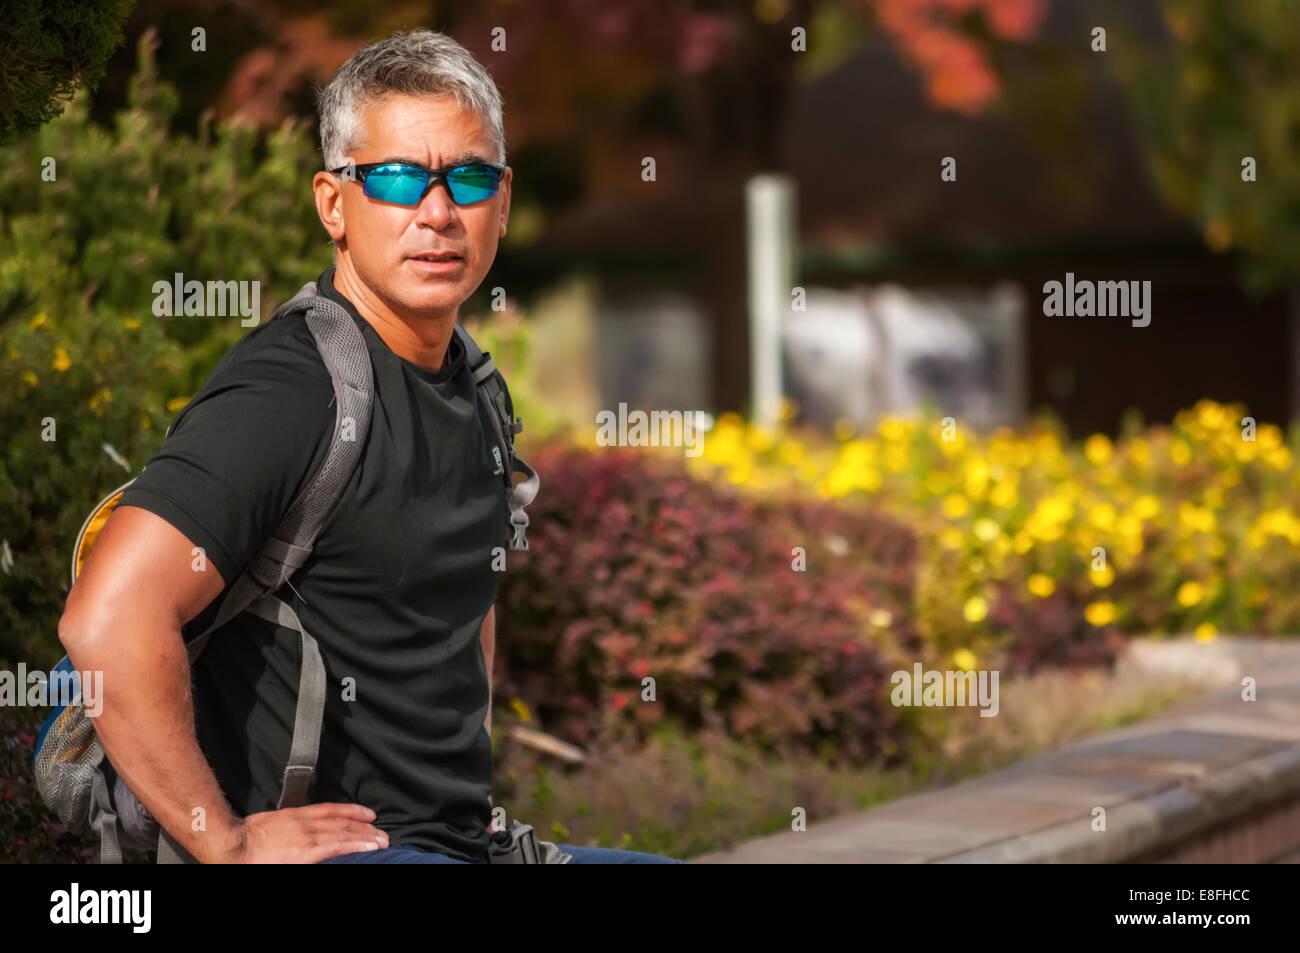 USA, Ohio, comté d'Ada, Boise, Portrait de athletic man wearing sunglasses Photo Stock